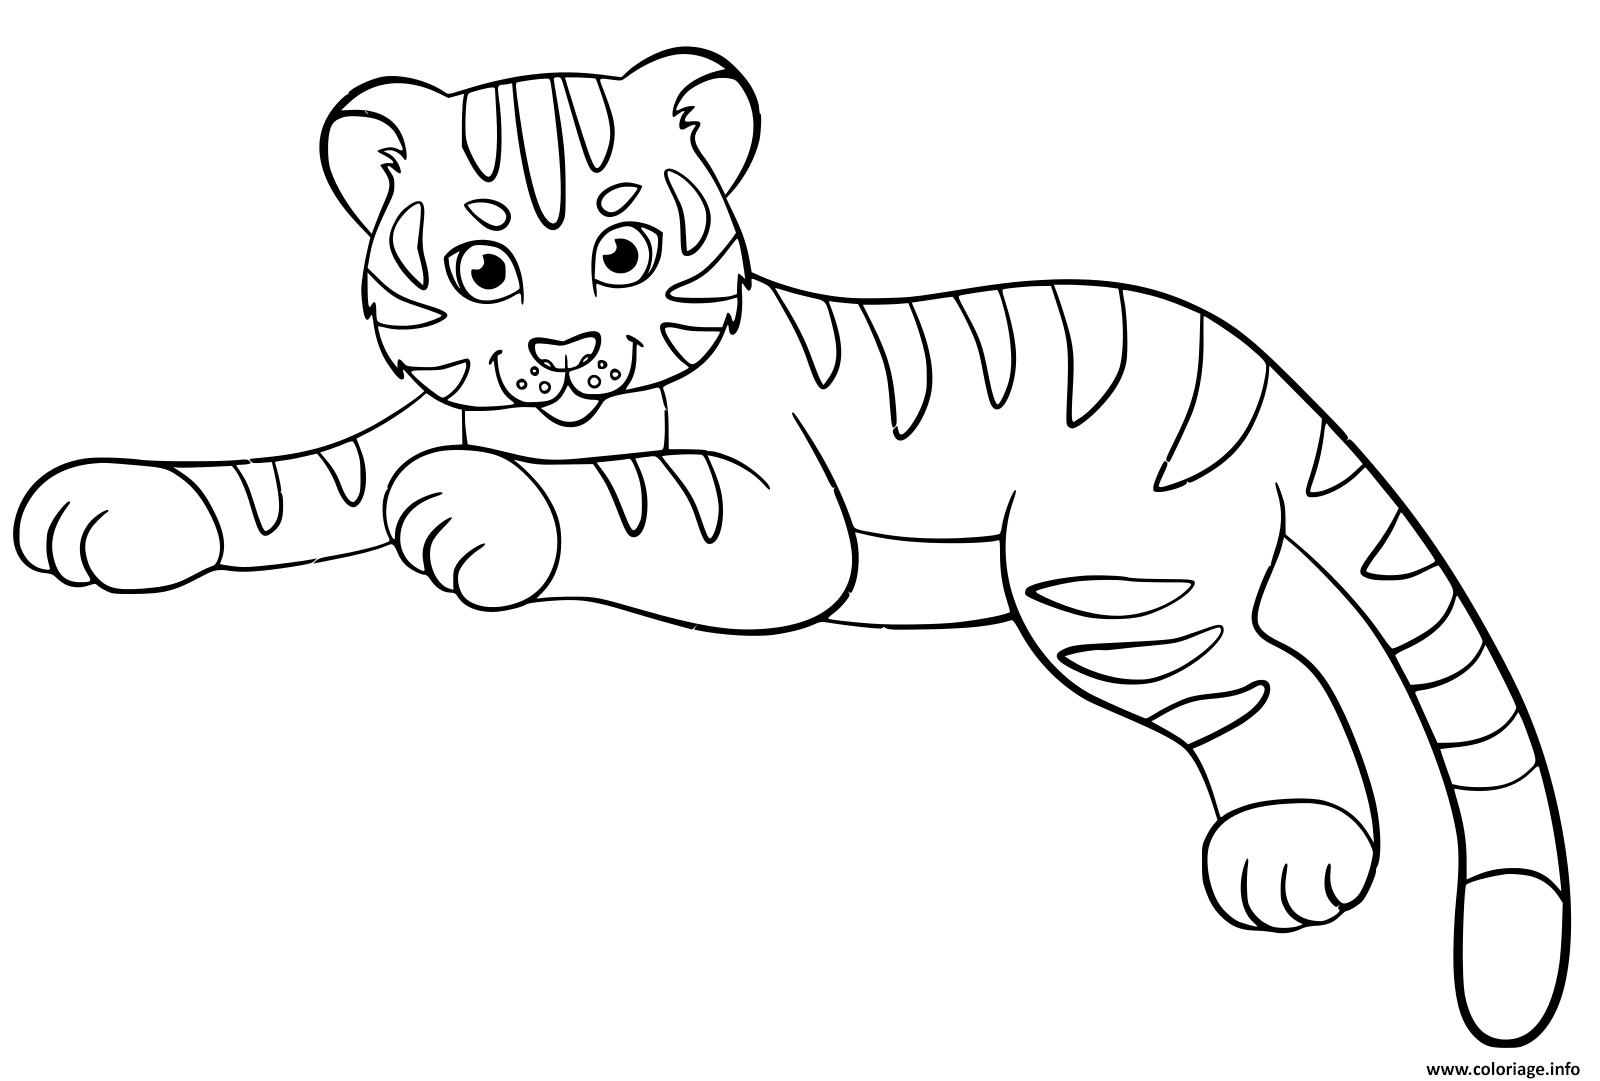 Coloriage Bebe Tigre Cute Enfants Dessin à Coloriage Bébé Tigre